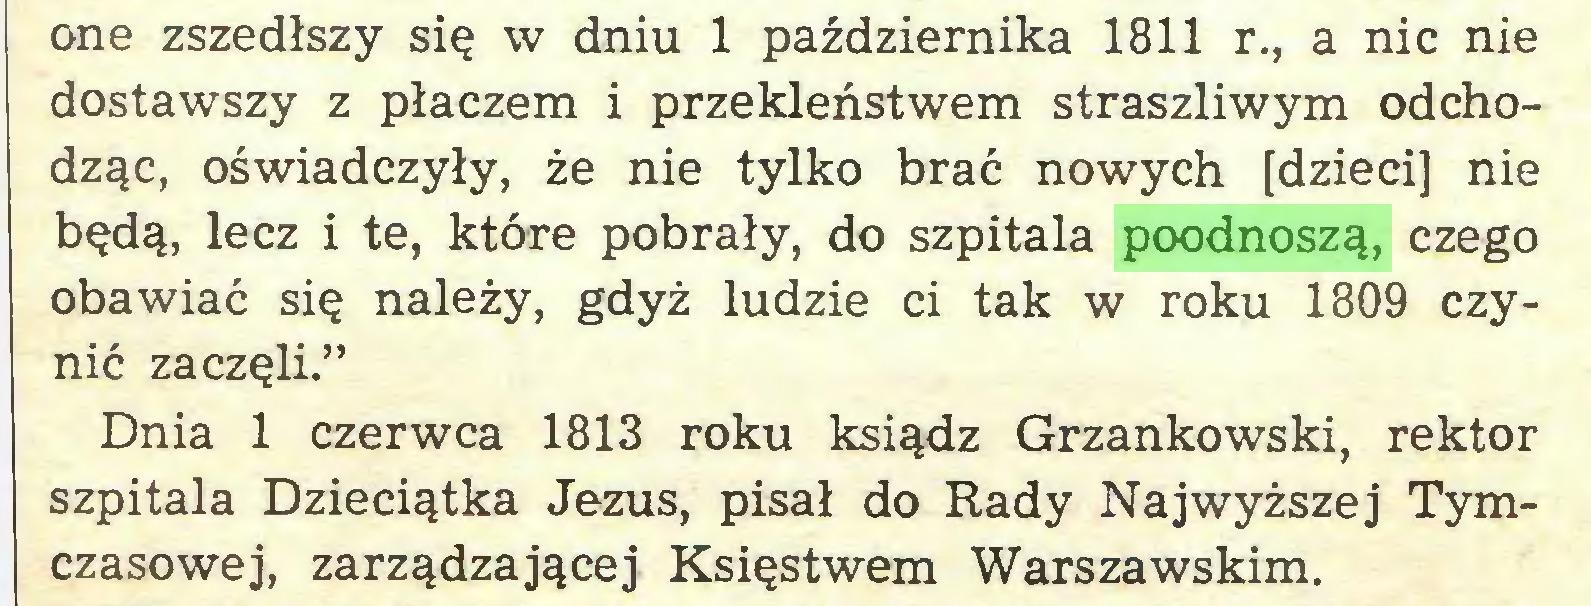 """(...) one zszedłszy się w dniu 1 października 1811 r., a nic nie dostawszy z płaczem i przekleństwem straszliwym odchodząc, oświadczyły, że nie tylko brać nowych [dzieci] nie będą, lecz i te, które pobrały, do szpitala poodnoszą, czego obawiać się należy, gdyż ludzie ci tak w roku 1809 czynić zaczęli."""" Dnia 1 czerwca 1813 roku ksiądz Grzankowski, rektor szpitala Dzieciątka Jezus, pisał do Rady Najwyższej Tymczasowej, zarządzającej Księstwem Warszawskim..."""